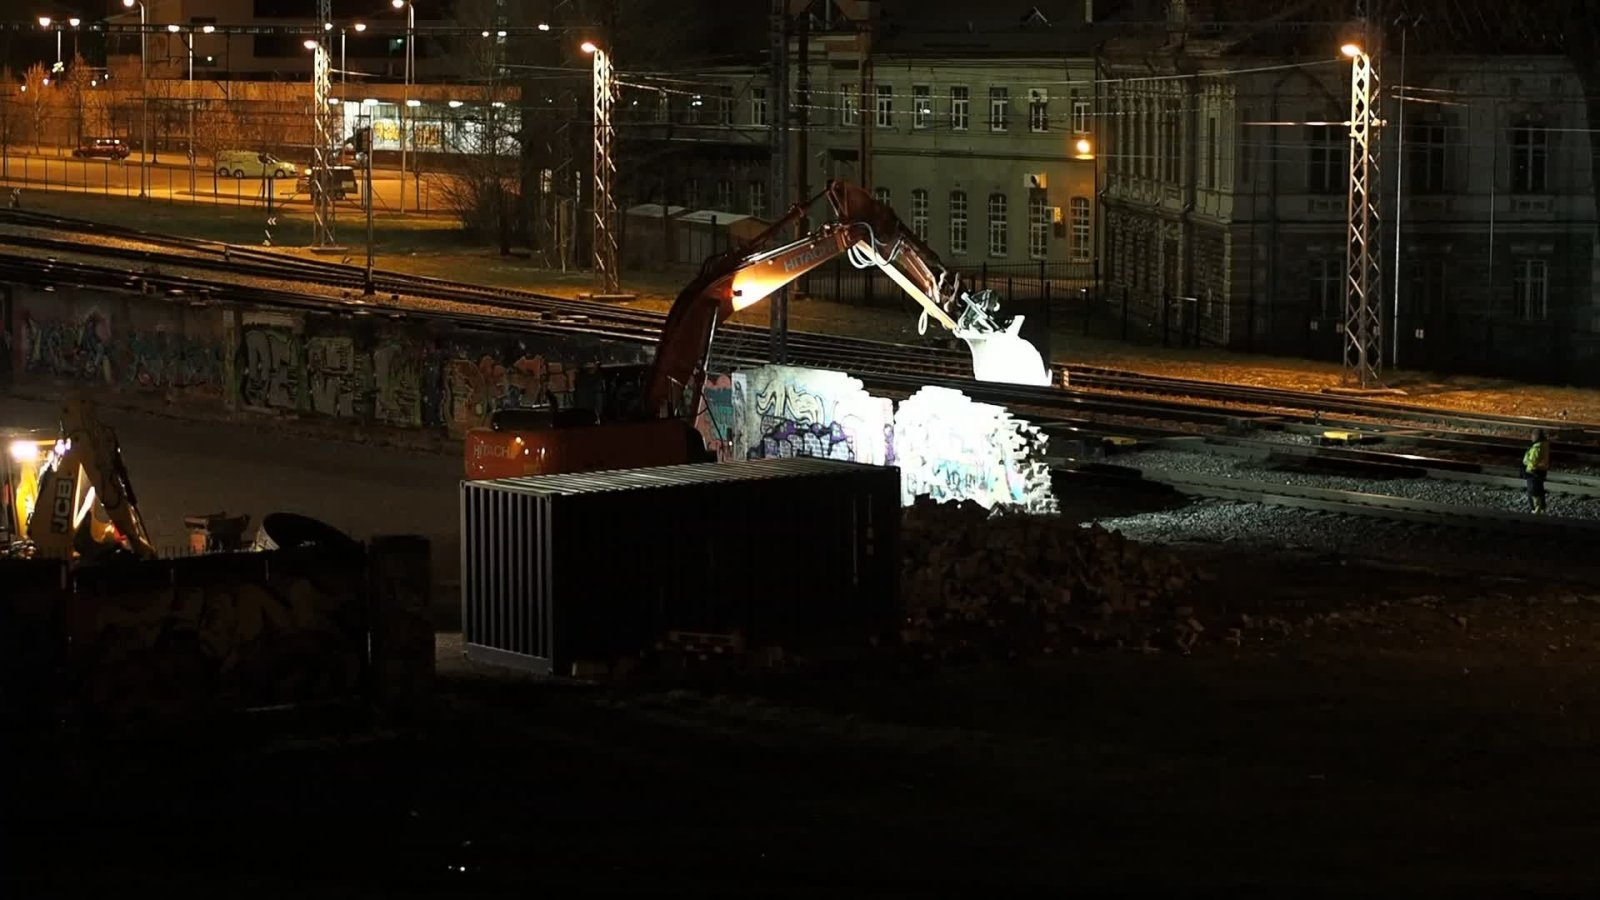 VIDEO | Ööl vastu eilset lammutati maha ohtlikuks muutunud tänavakunstiga kaunistatud loomelinnaku müür: